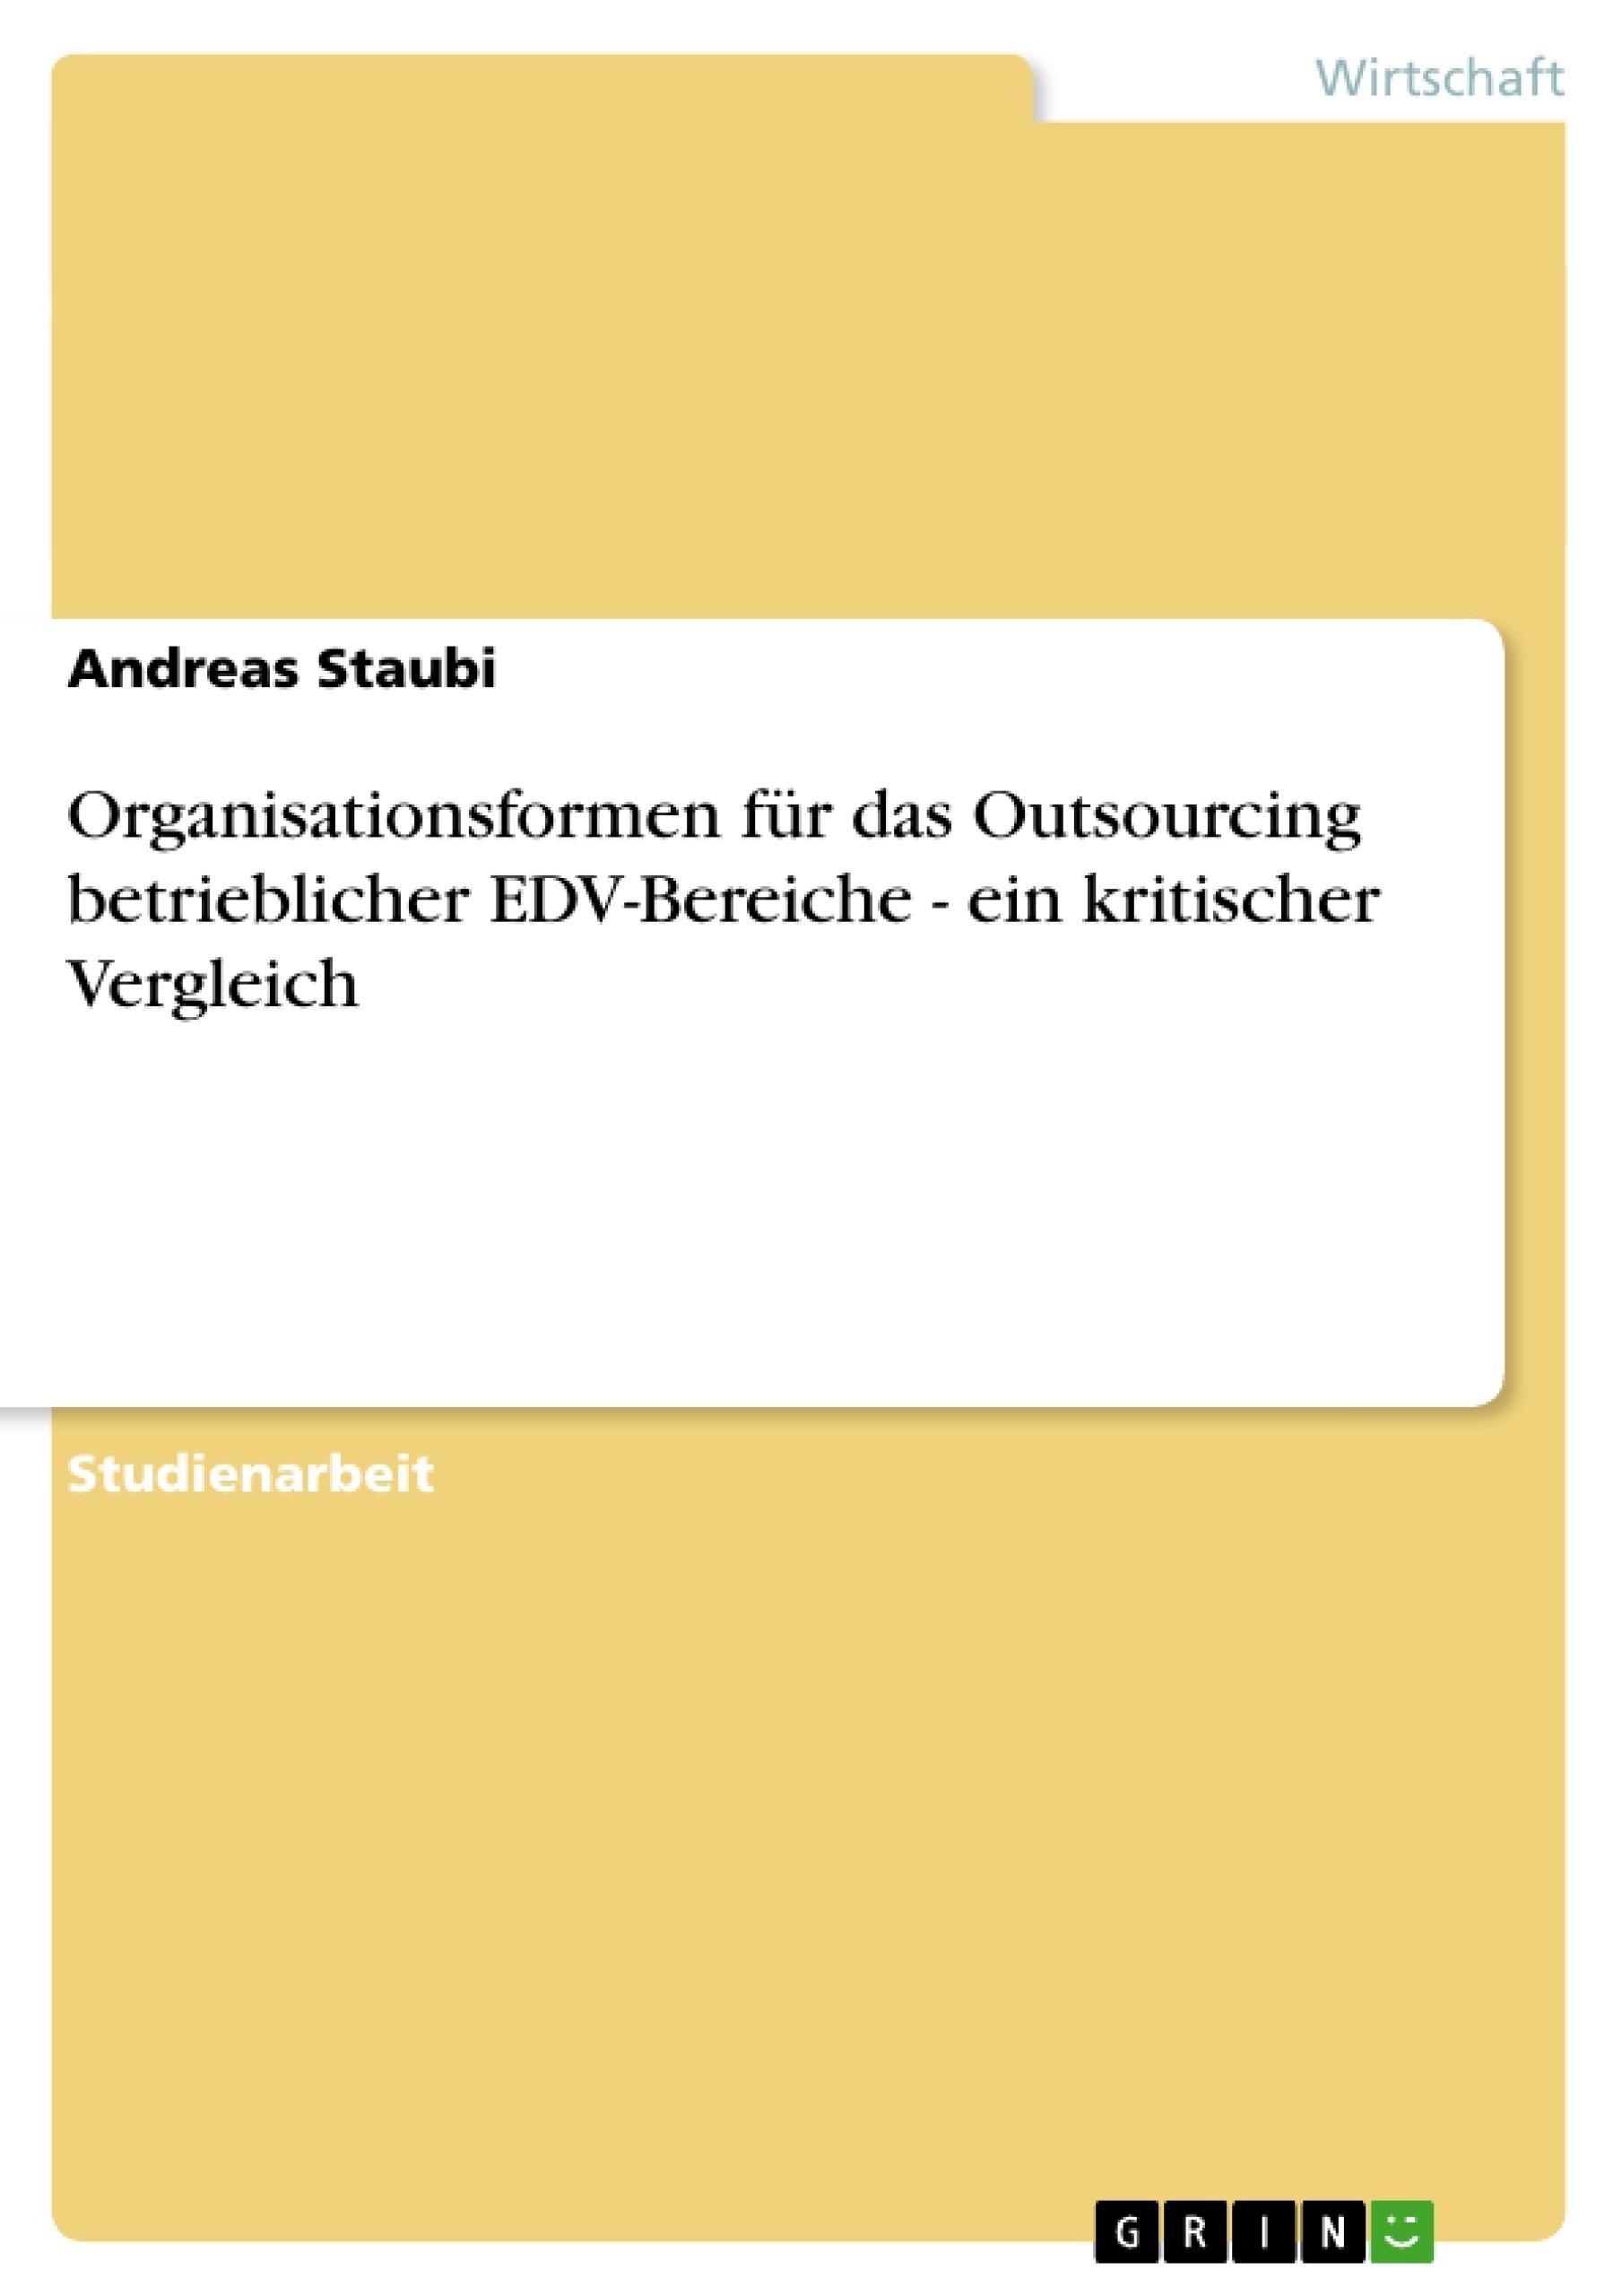 Titel: Organisationsformen für das Outsourcing betrieblicher EDV-Bereiche - ein kritischer Vergleich